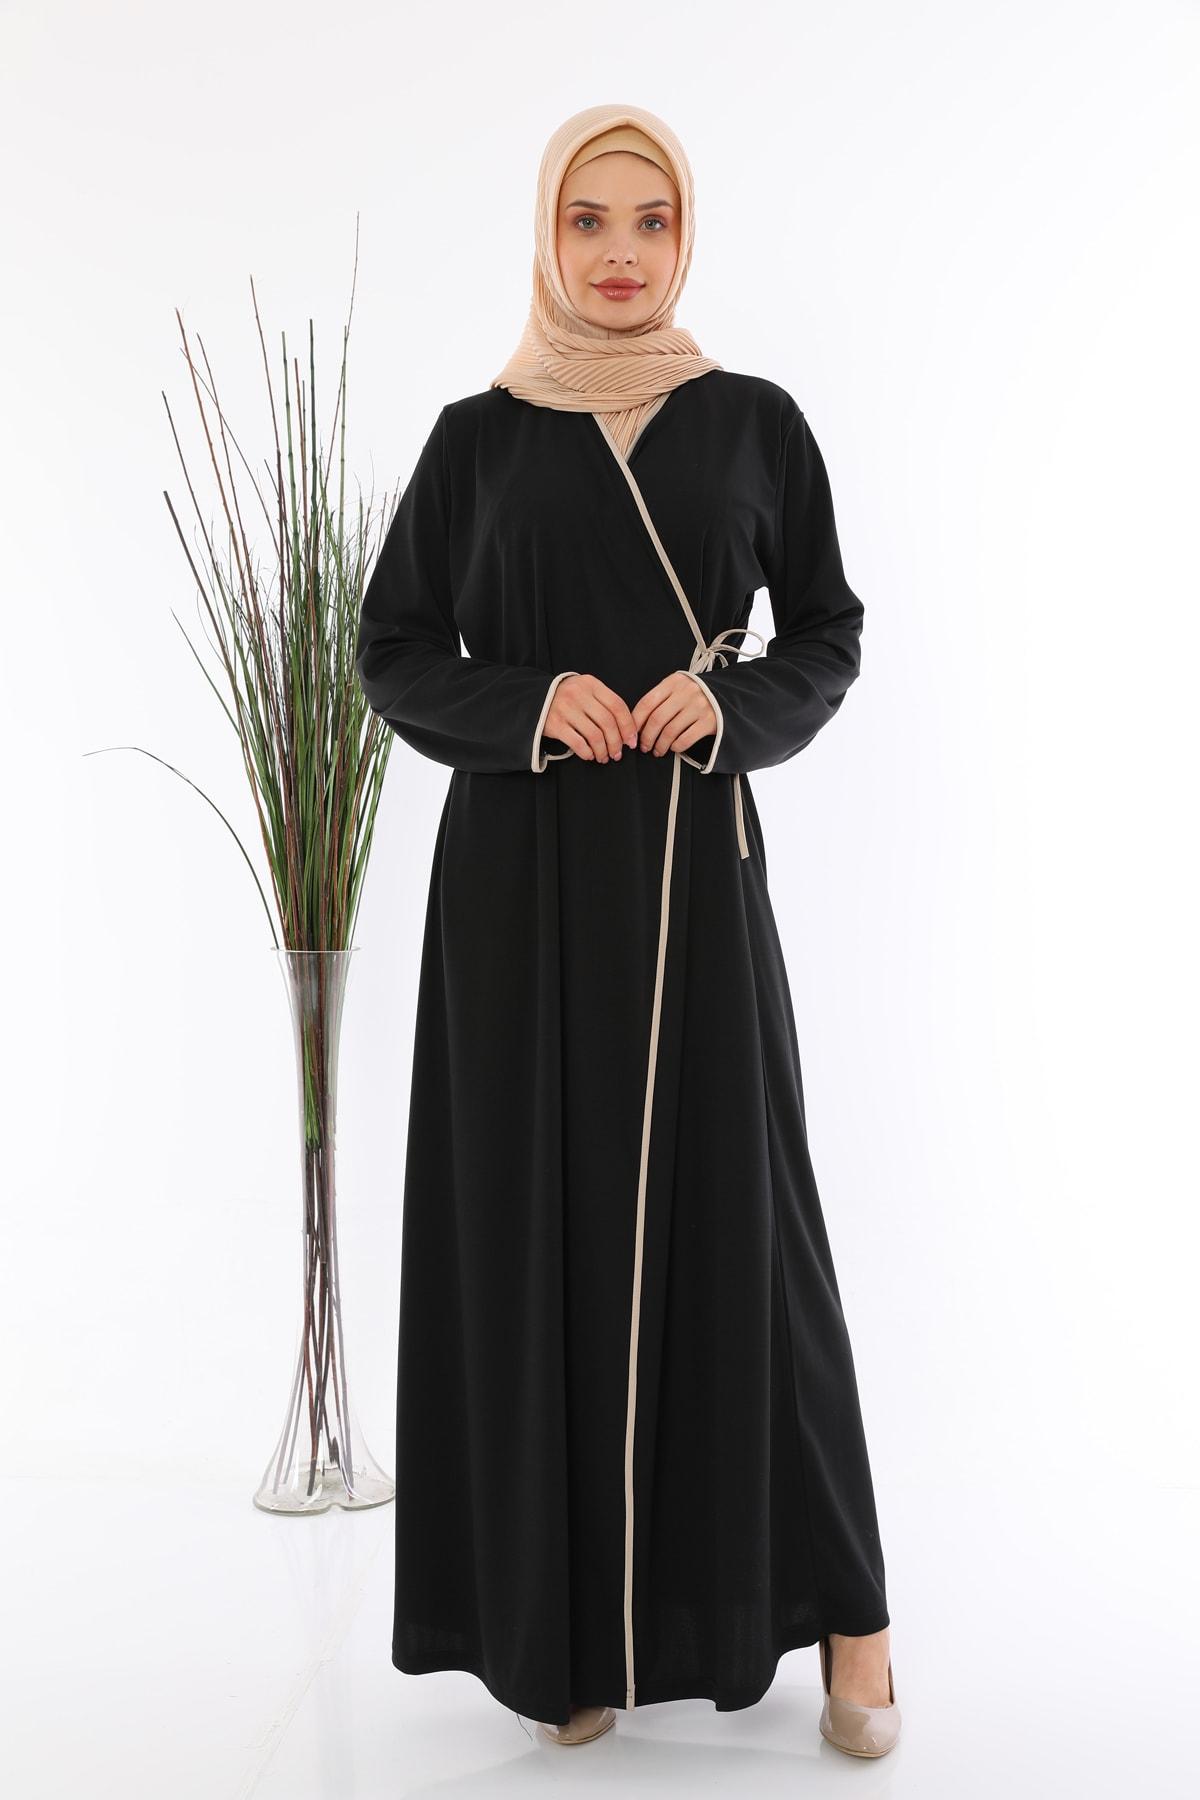 medipek Yandan Bağlamalı Namaz Elbisesi 1